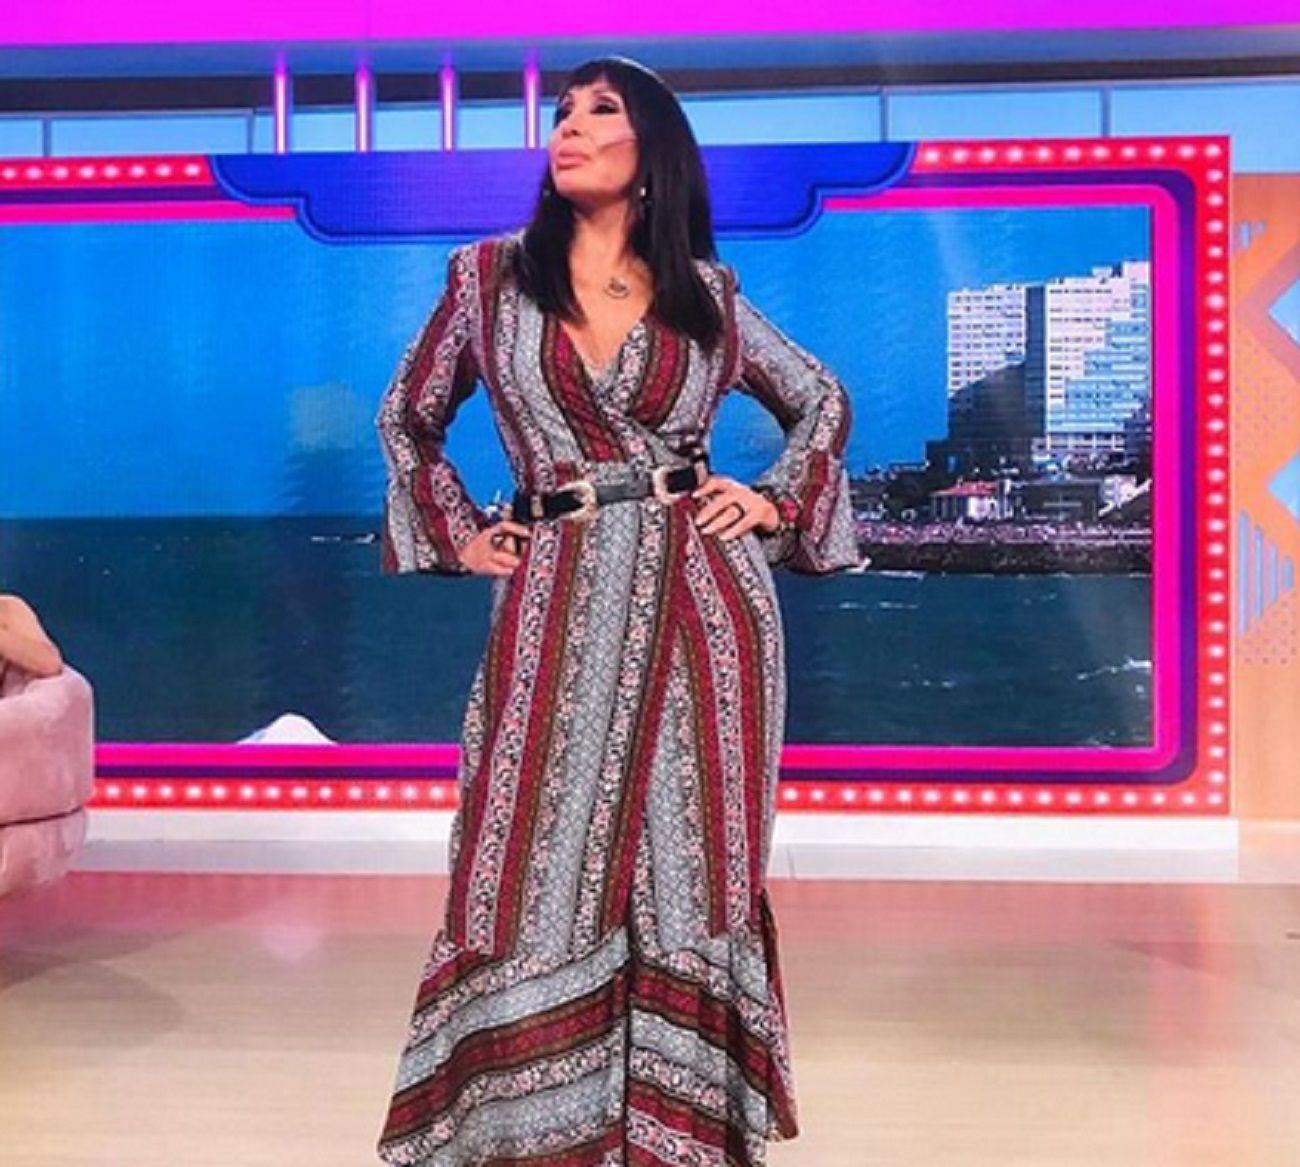 Moria Casán quiso mostrar el tajo de su vestido ¡y se le vio todo!